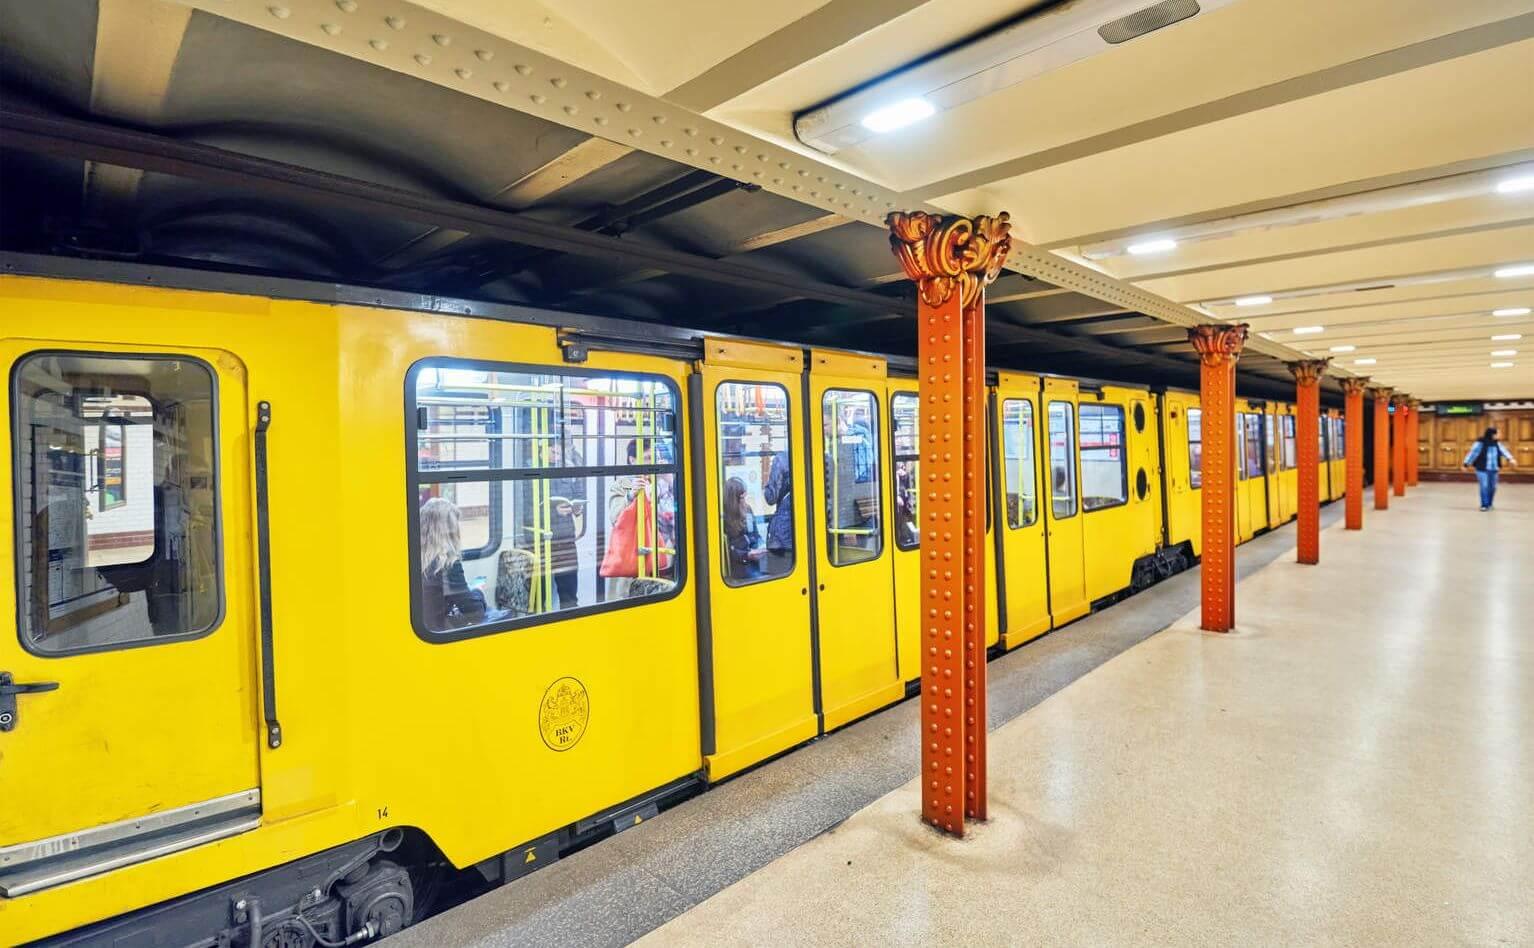 תחבורה ציבורית בבודפשט המטרו הצהוב קו מס. 1